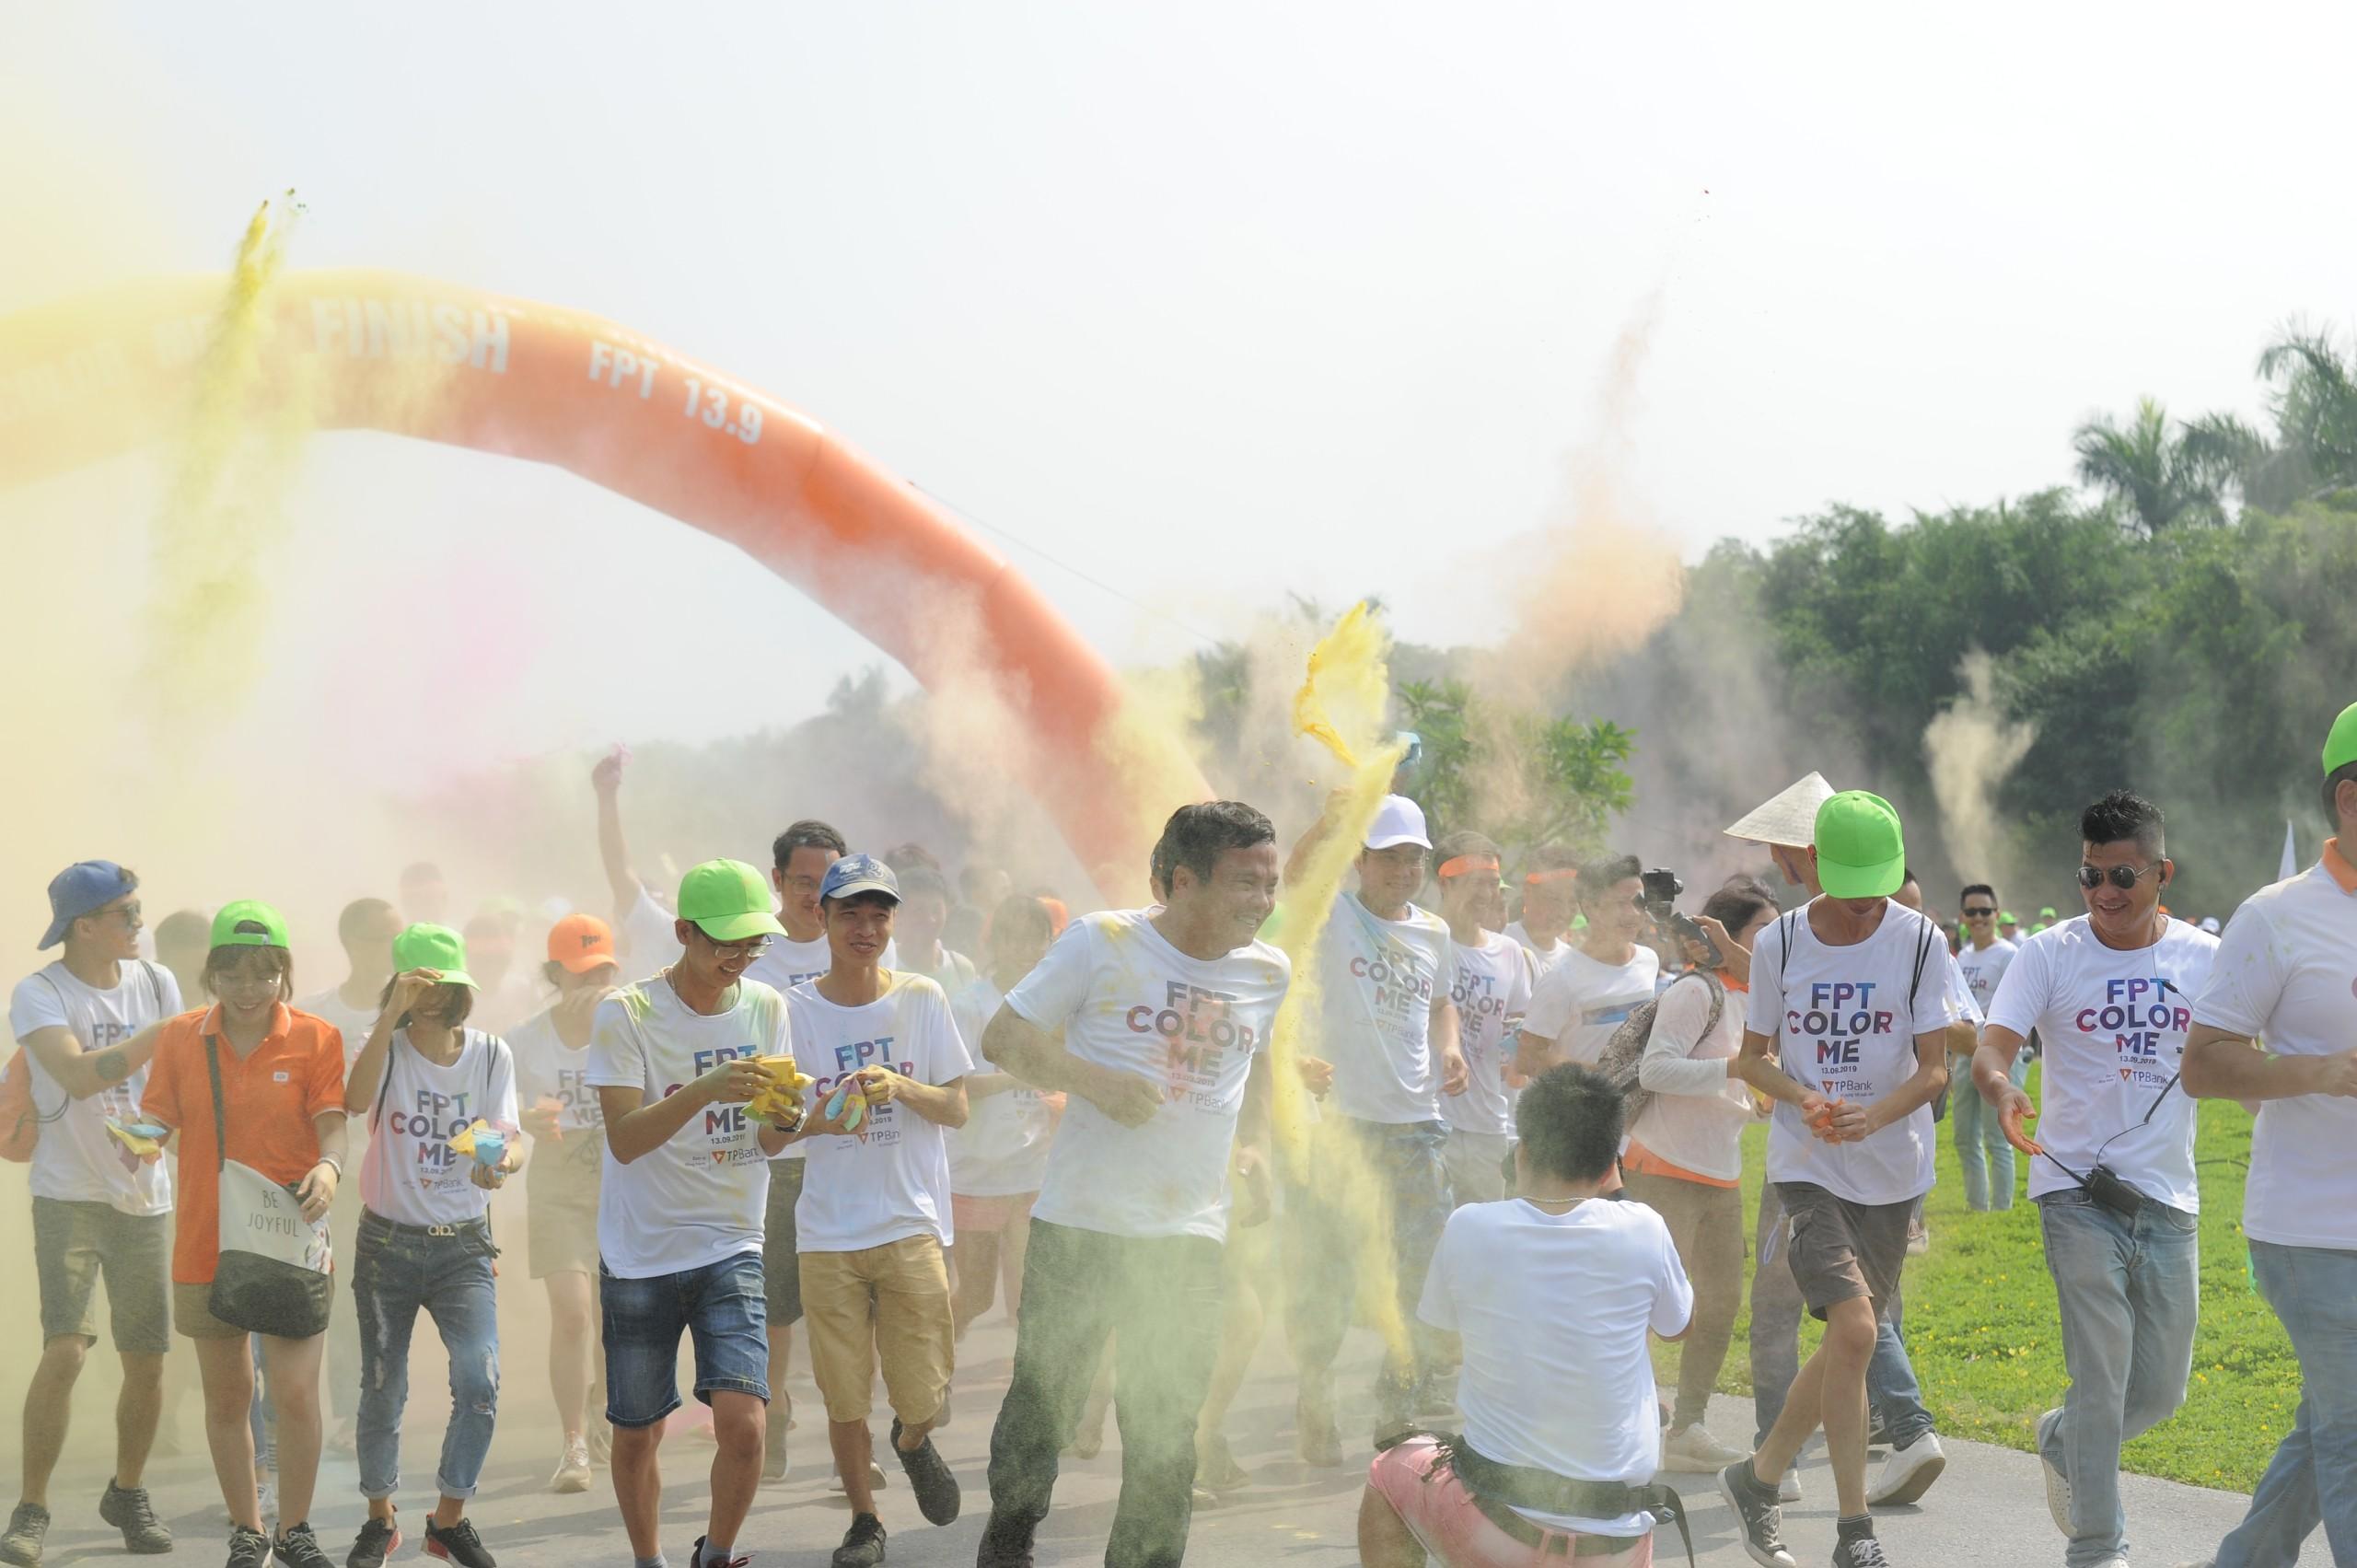 Từ 9h10 ngày 13/9, hơn 4.500 người FPT cùng tham gia Color Me tại Khu đô thị Ecopark, Hưng Yên. Ngay tại cổng xuất phát, CEO FPT Nguyễn Văn Khoa đã bị tấn công bởi hàng đợt ném màu của CBNV.